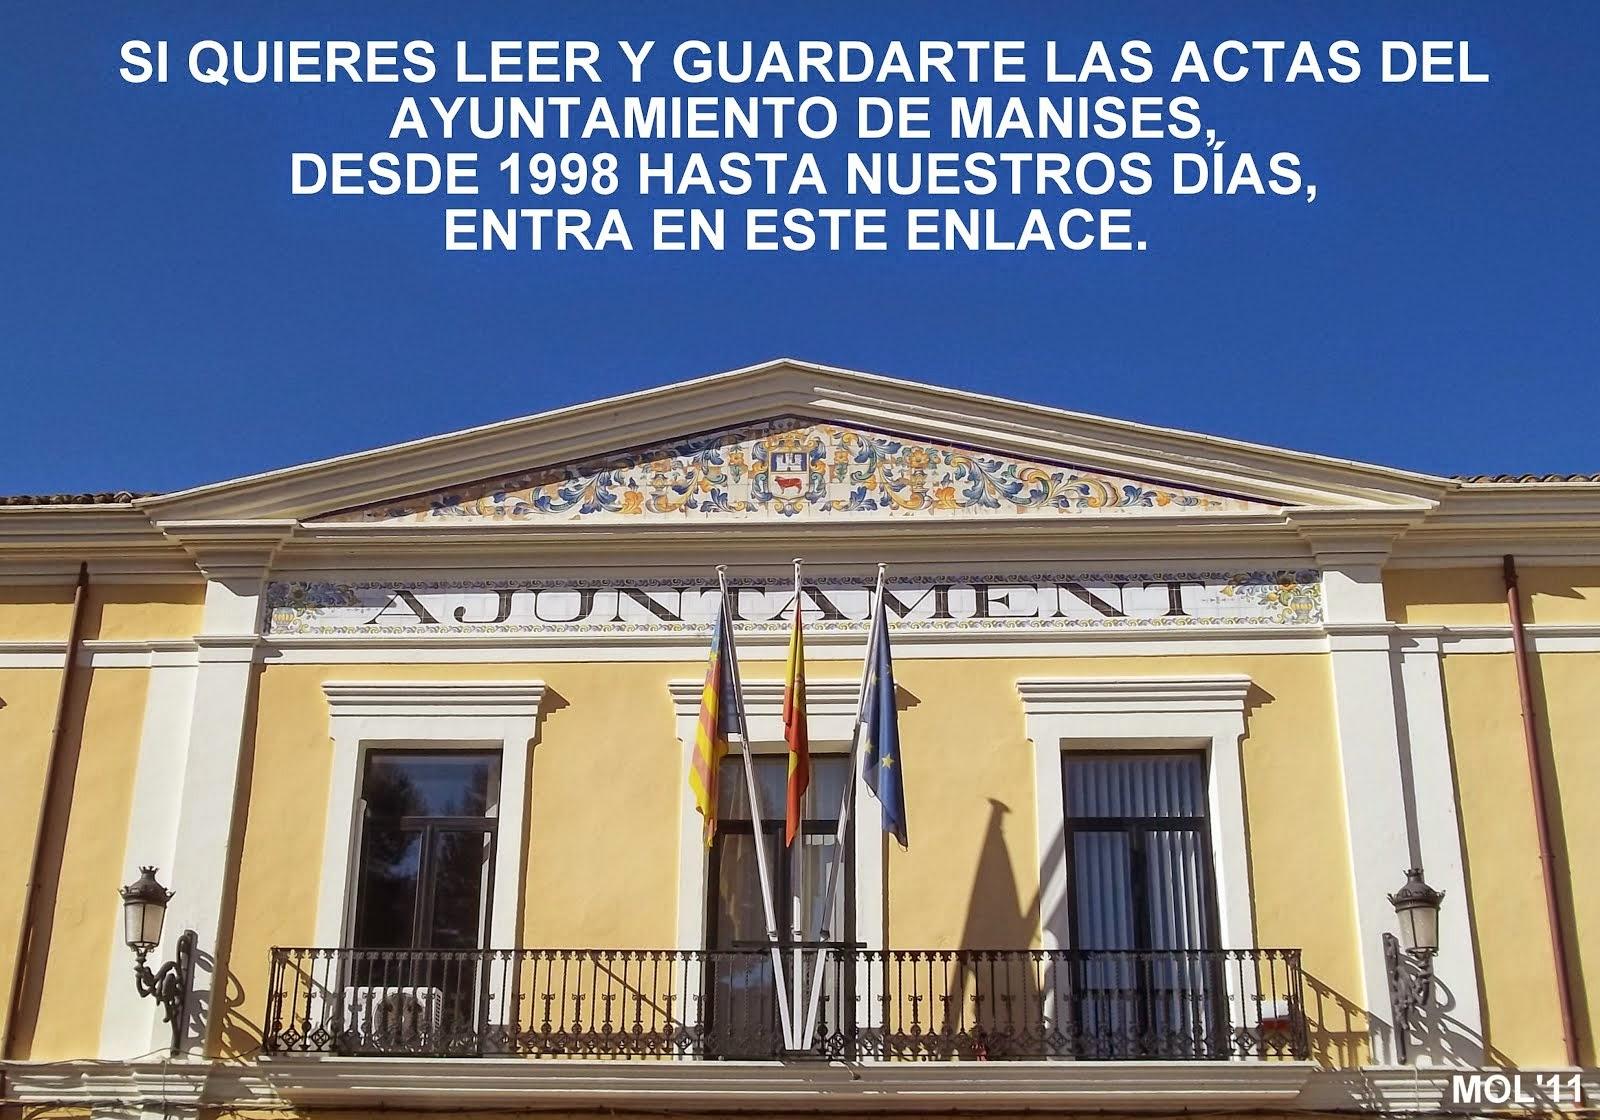 AYUNTAMIENTO DE MANISES: ACTAS DE LOS PLENOS DESDE 1998 HASTA HOY